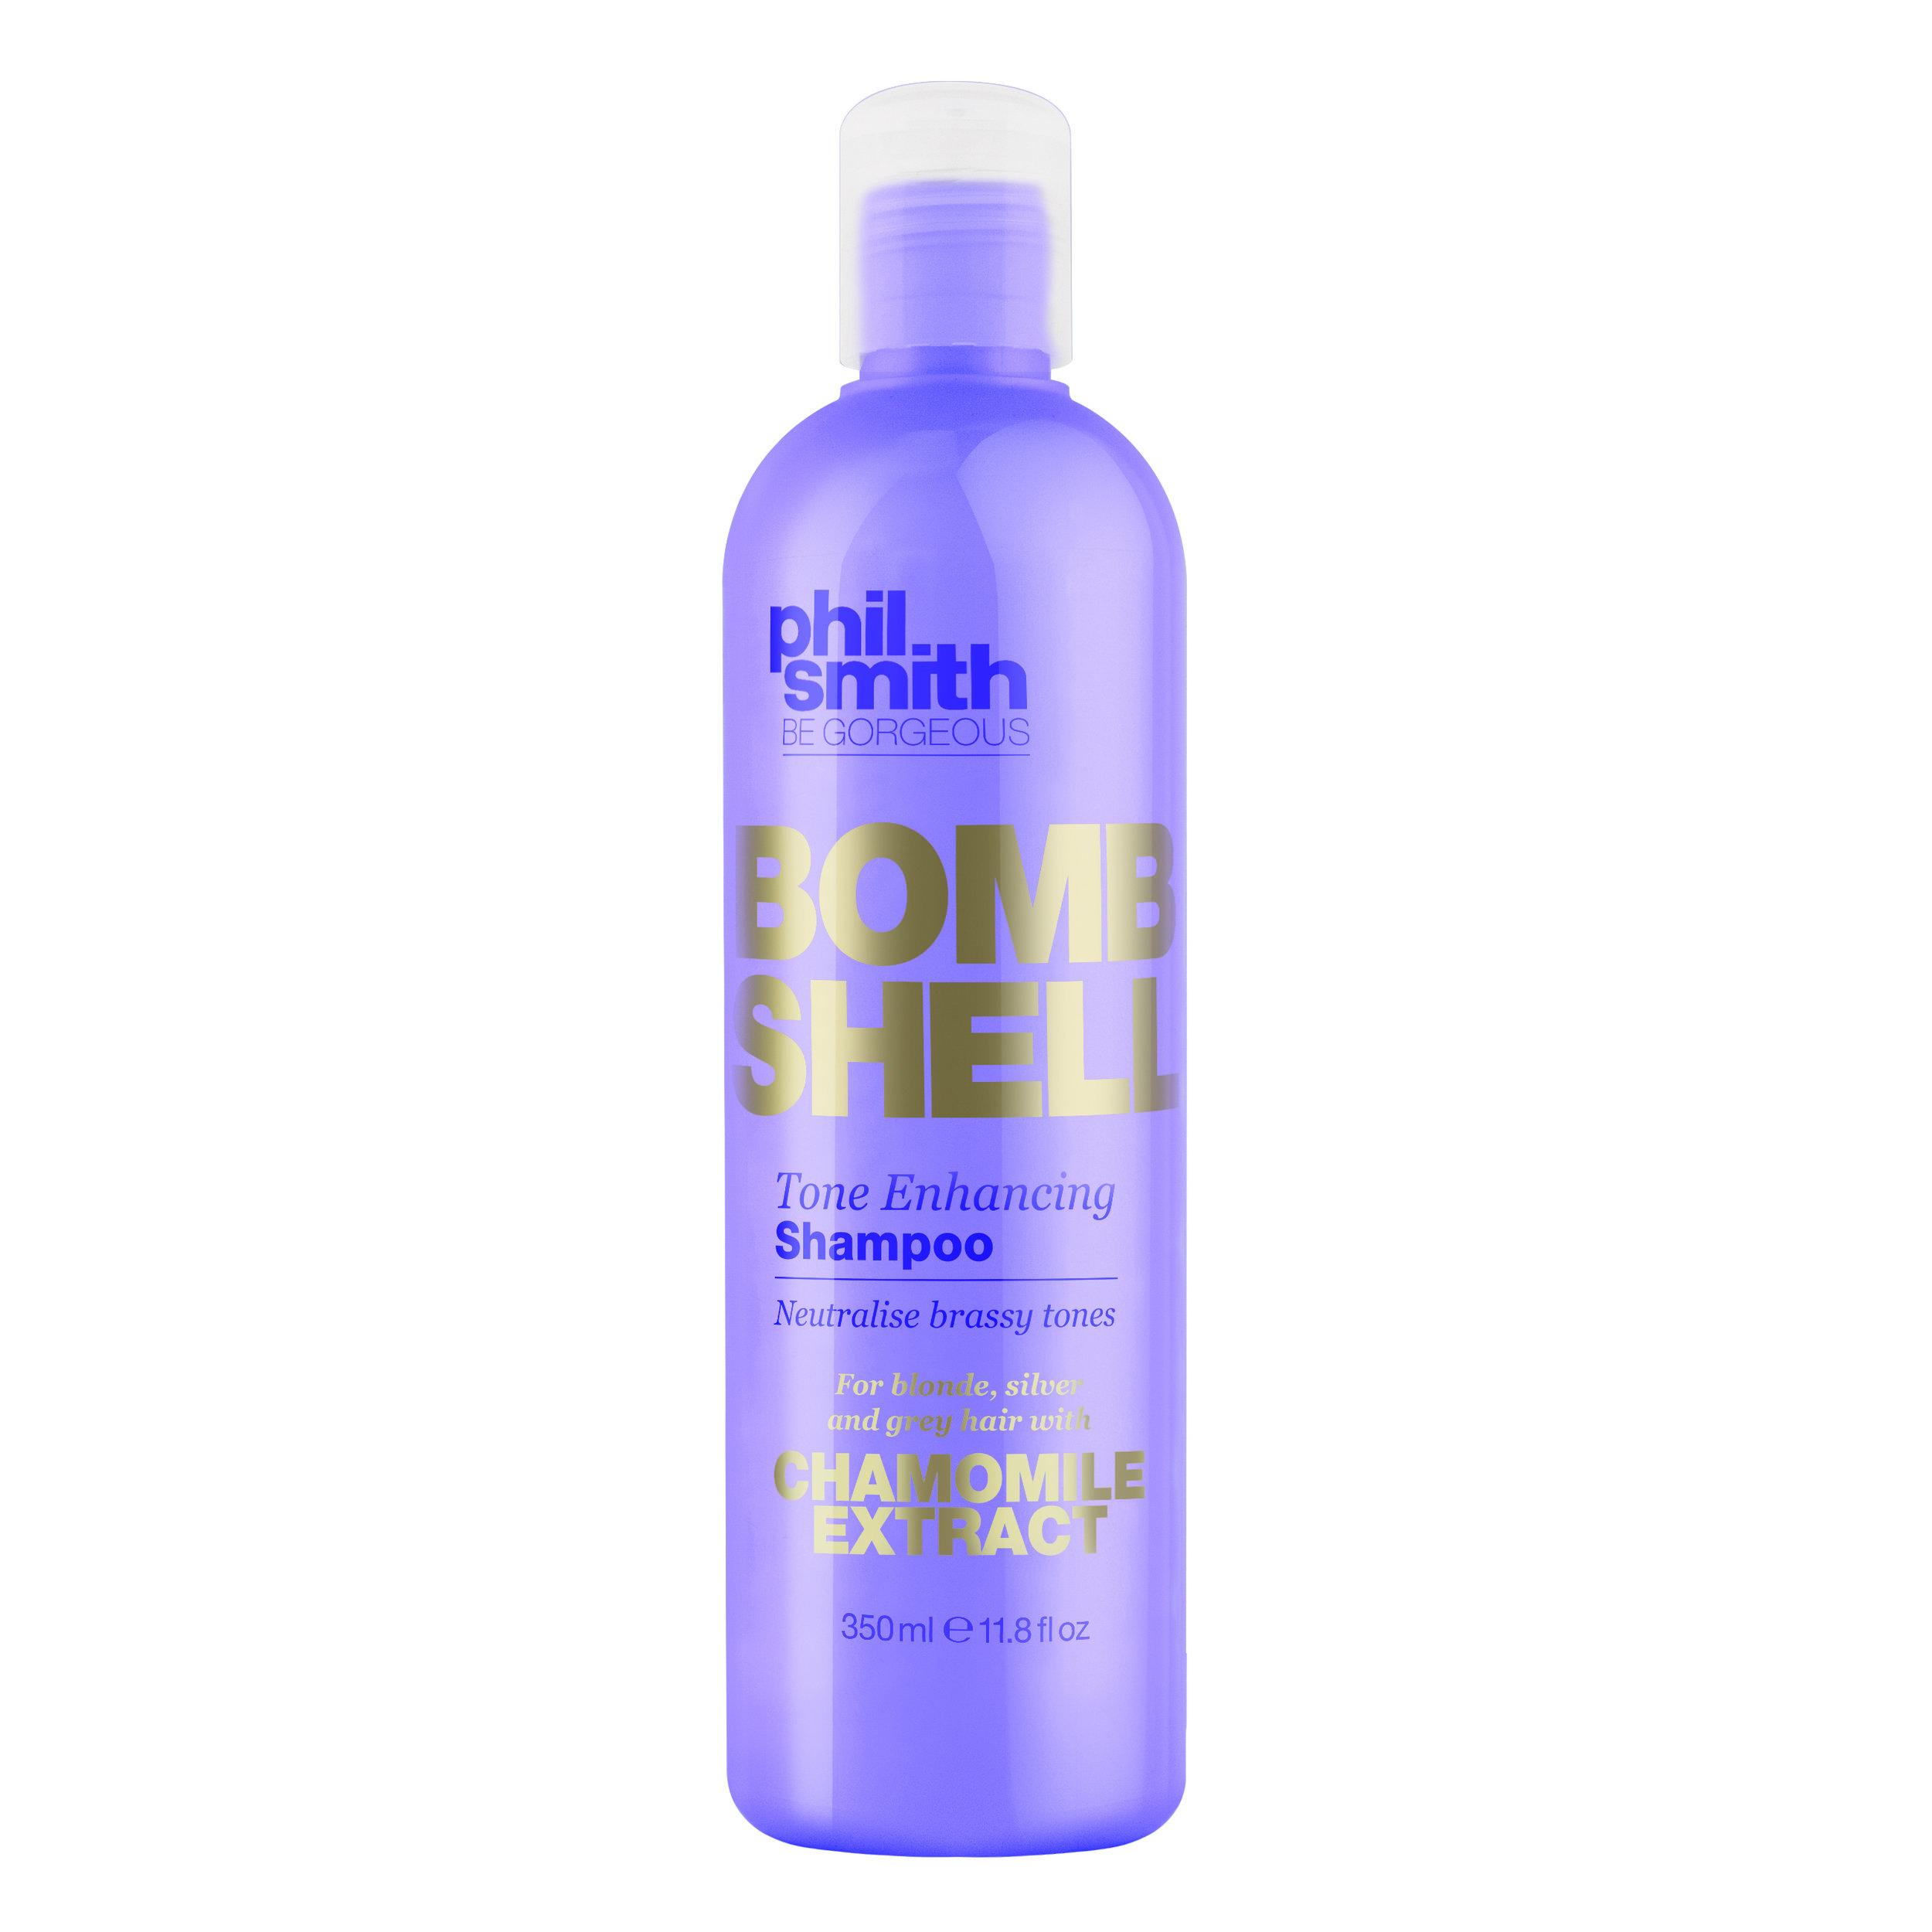 Shampoo.jpeg